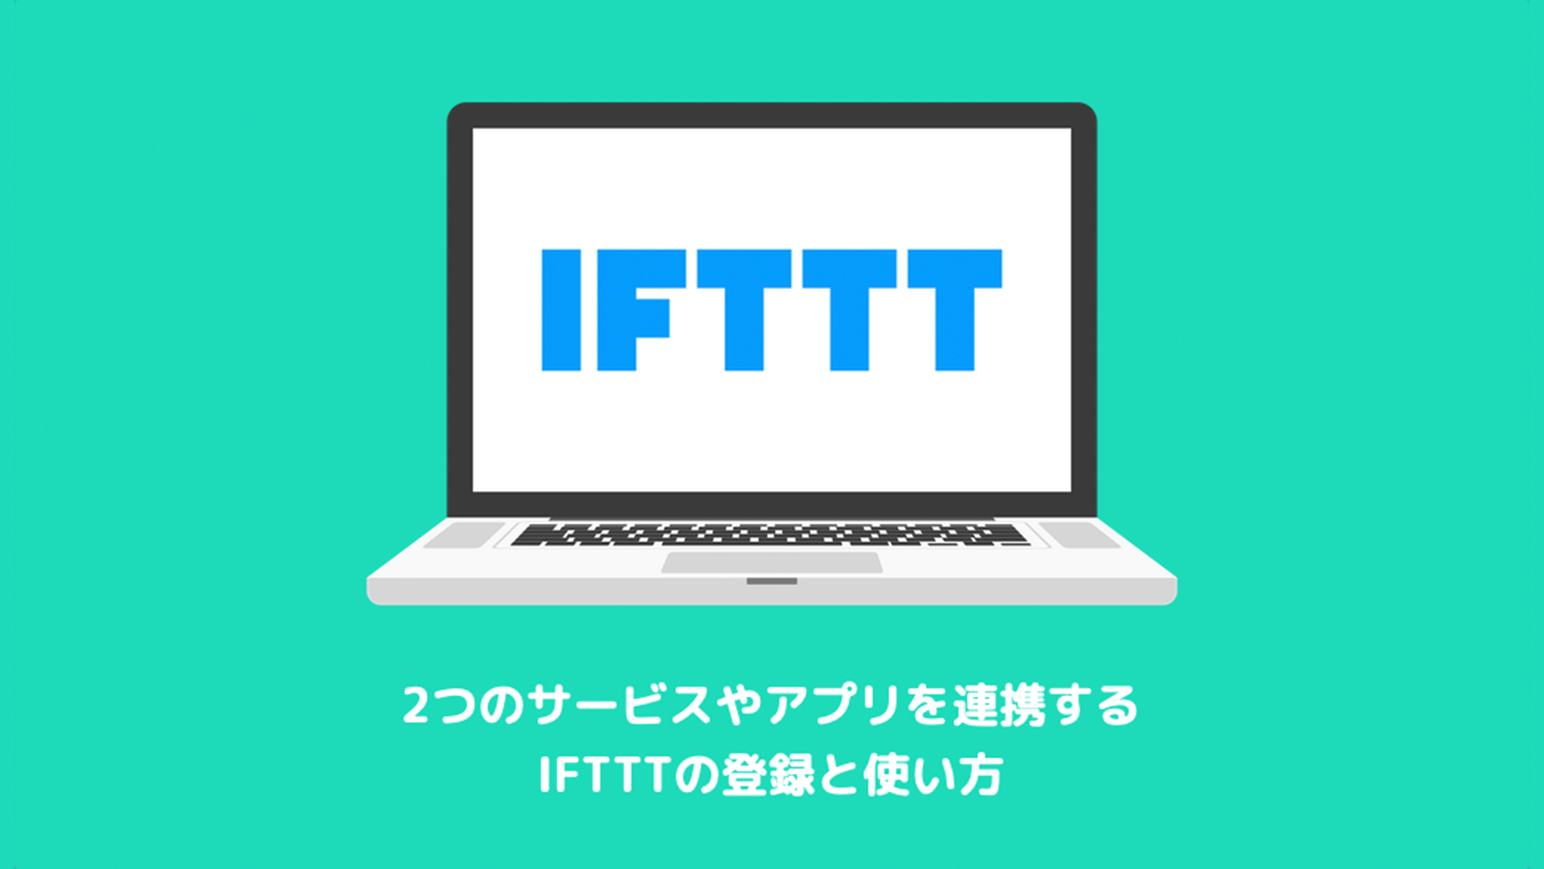 2つのサービスやアプリを連携する「IFTTT」の登録と使い方のアイキャッチ